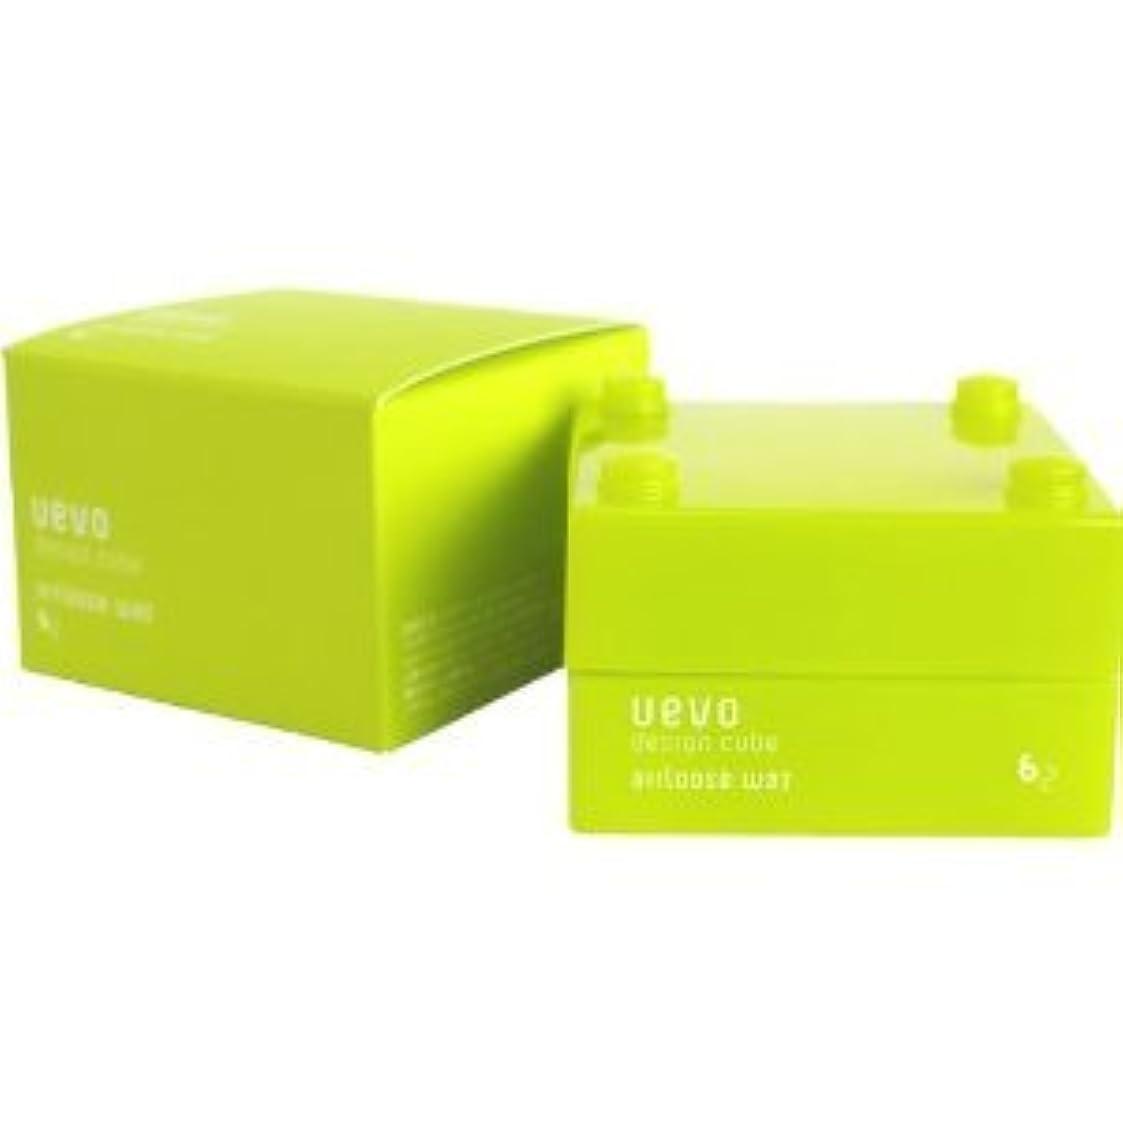 シリーズ十分に機械的【X2個セット】 デミ ウェーボ デザインキューブ エアルーズワックス 30g airloose wax DEMI uevo design cube